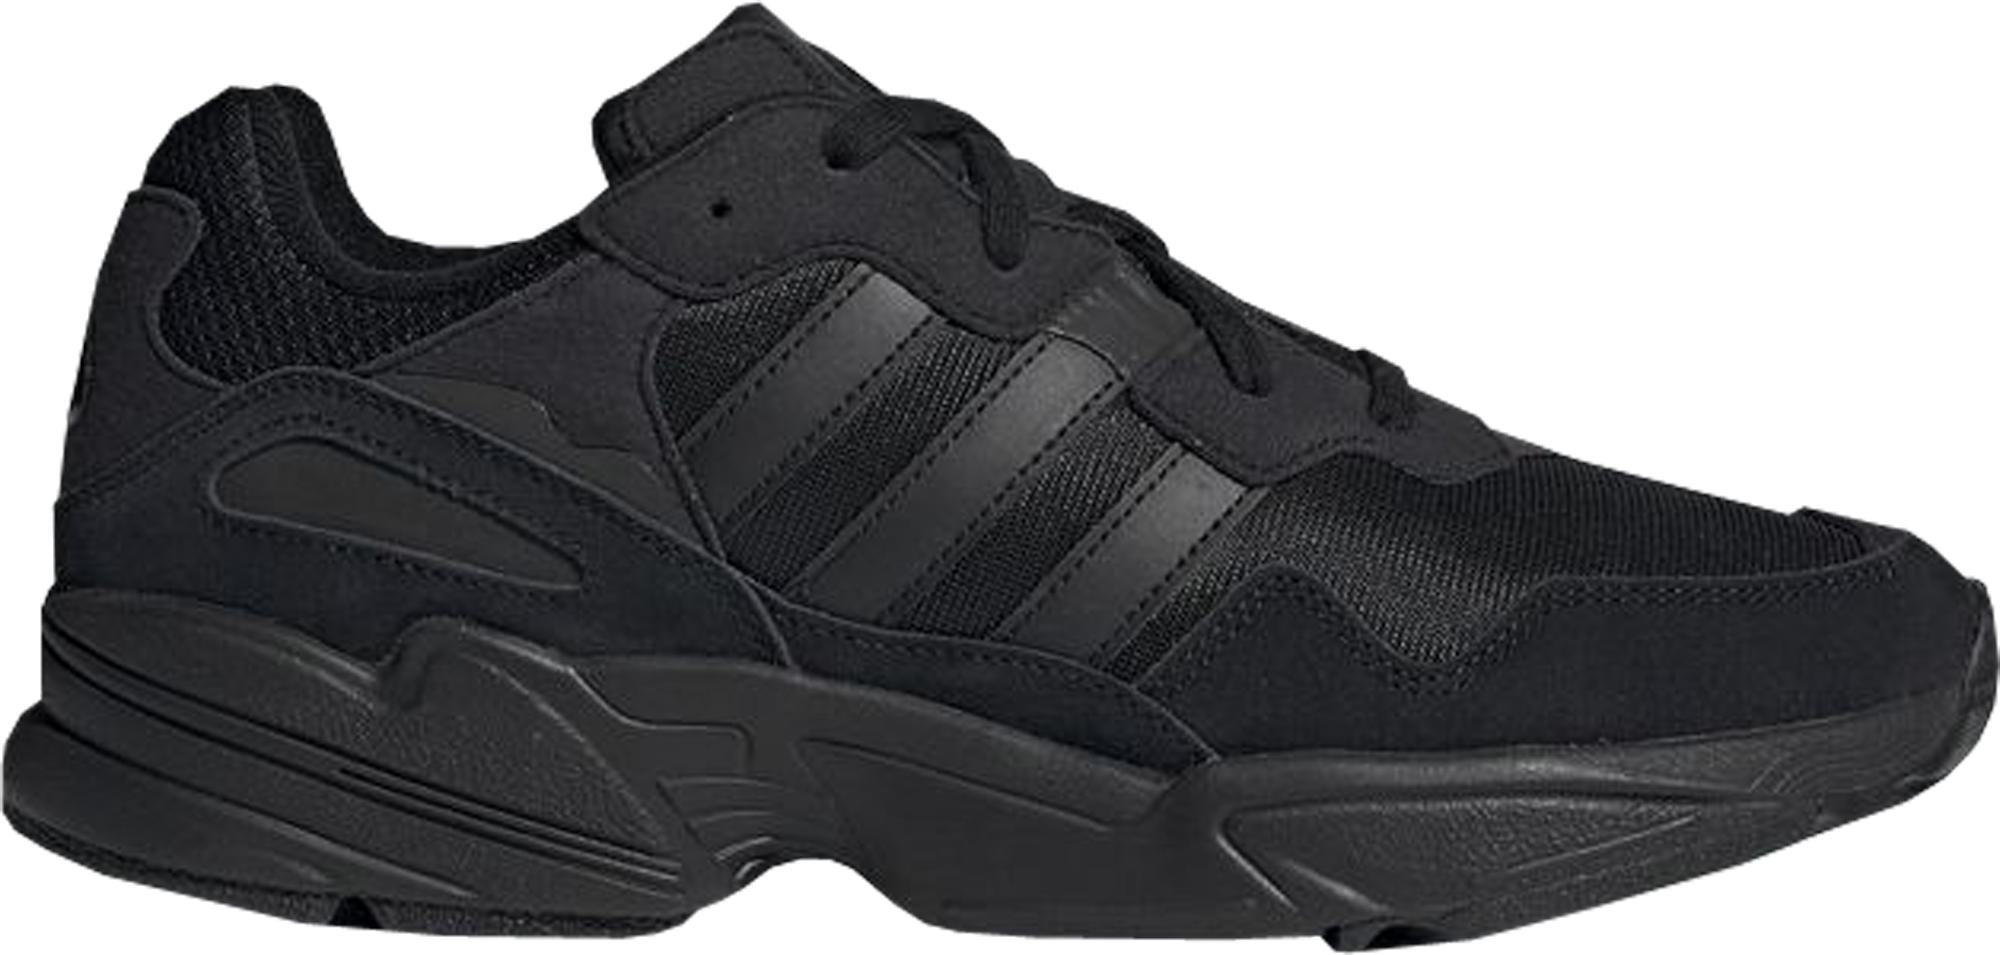 adidas Yung-96 Triple Black - F35019